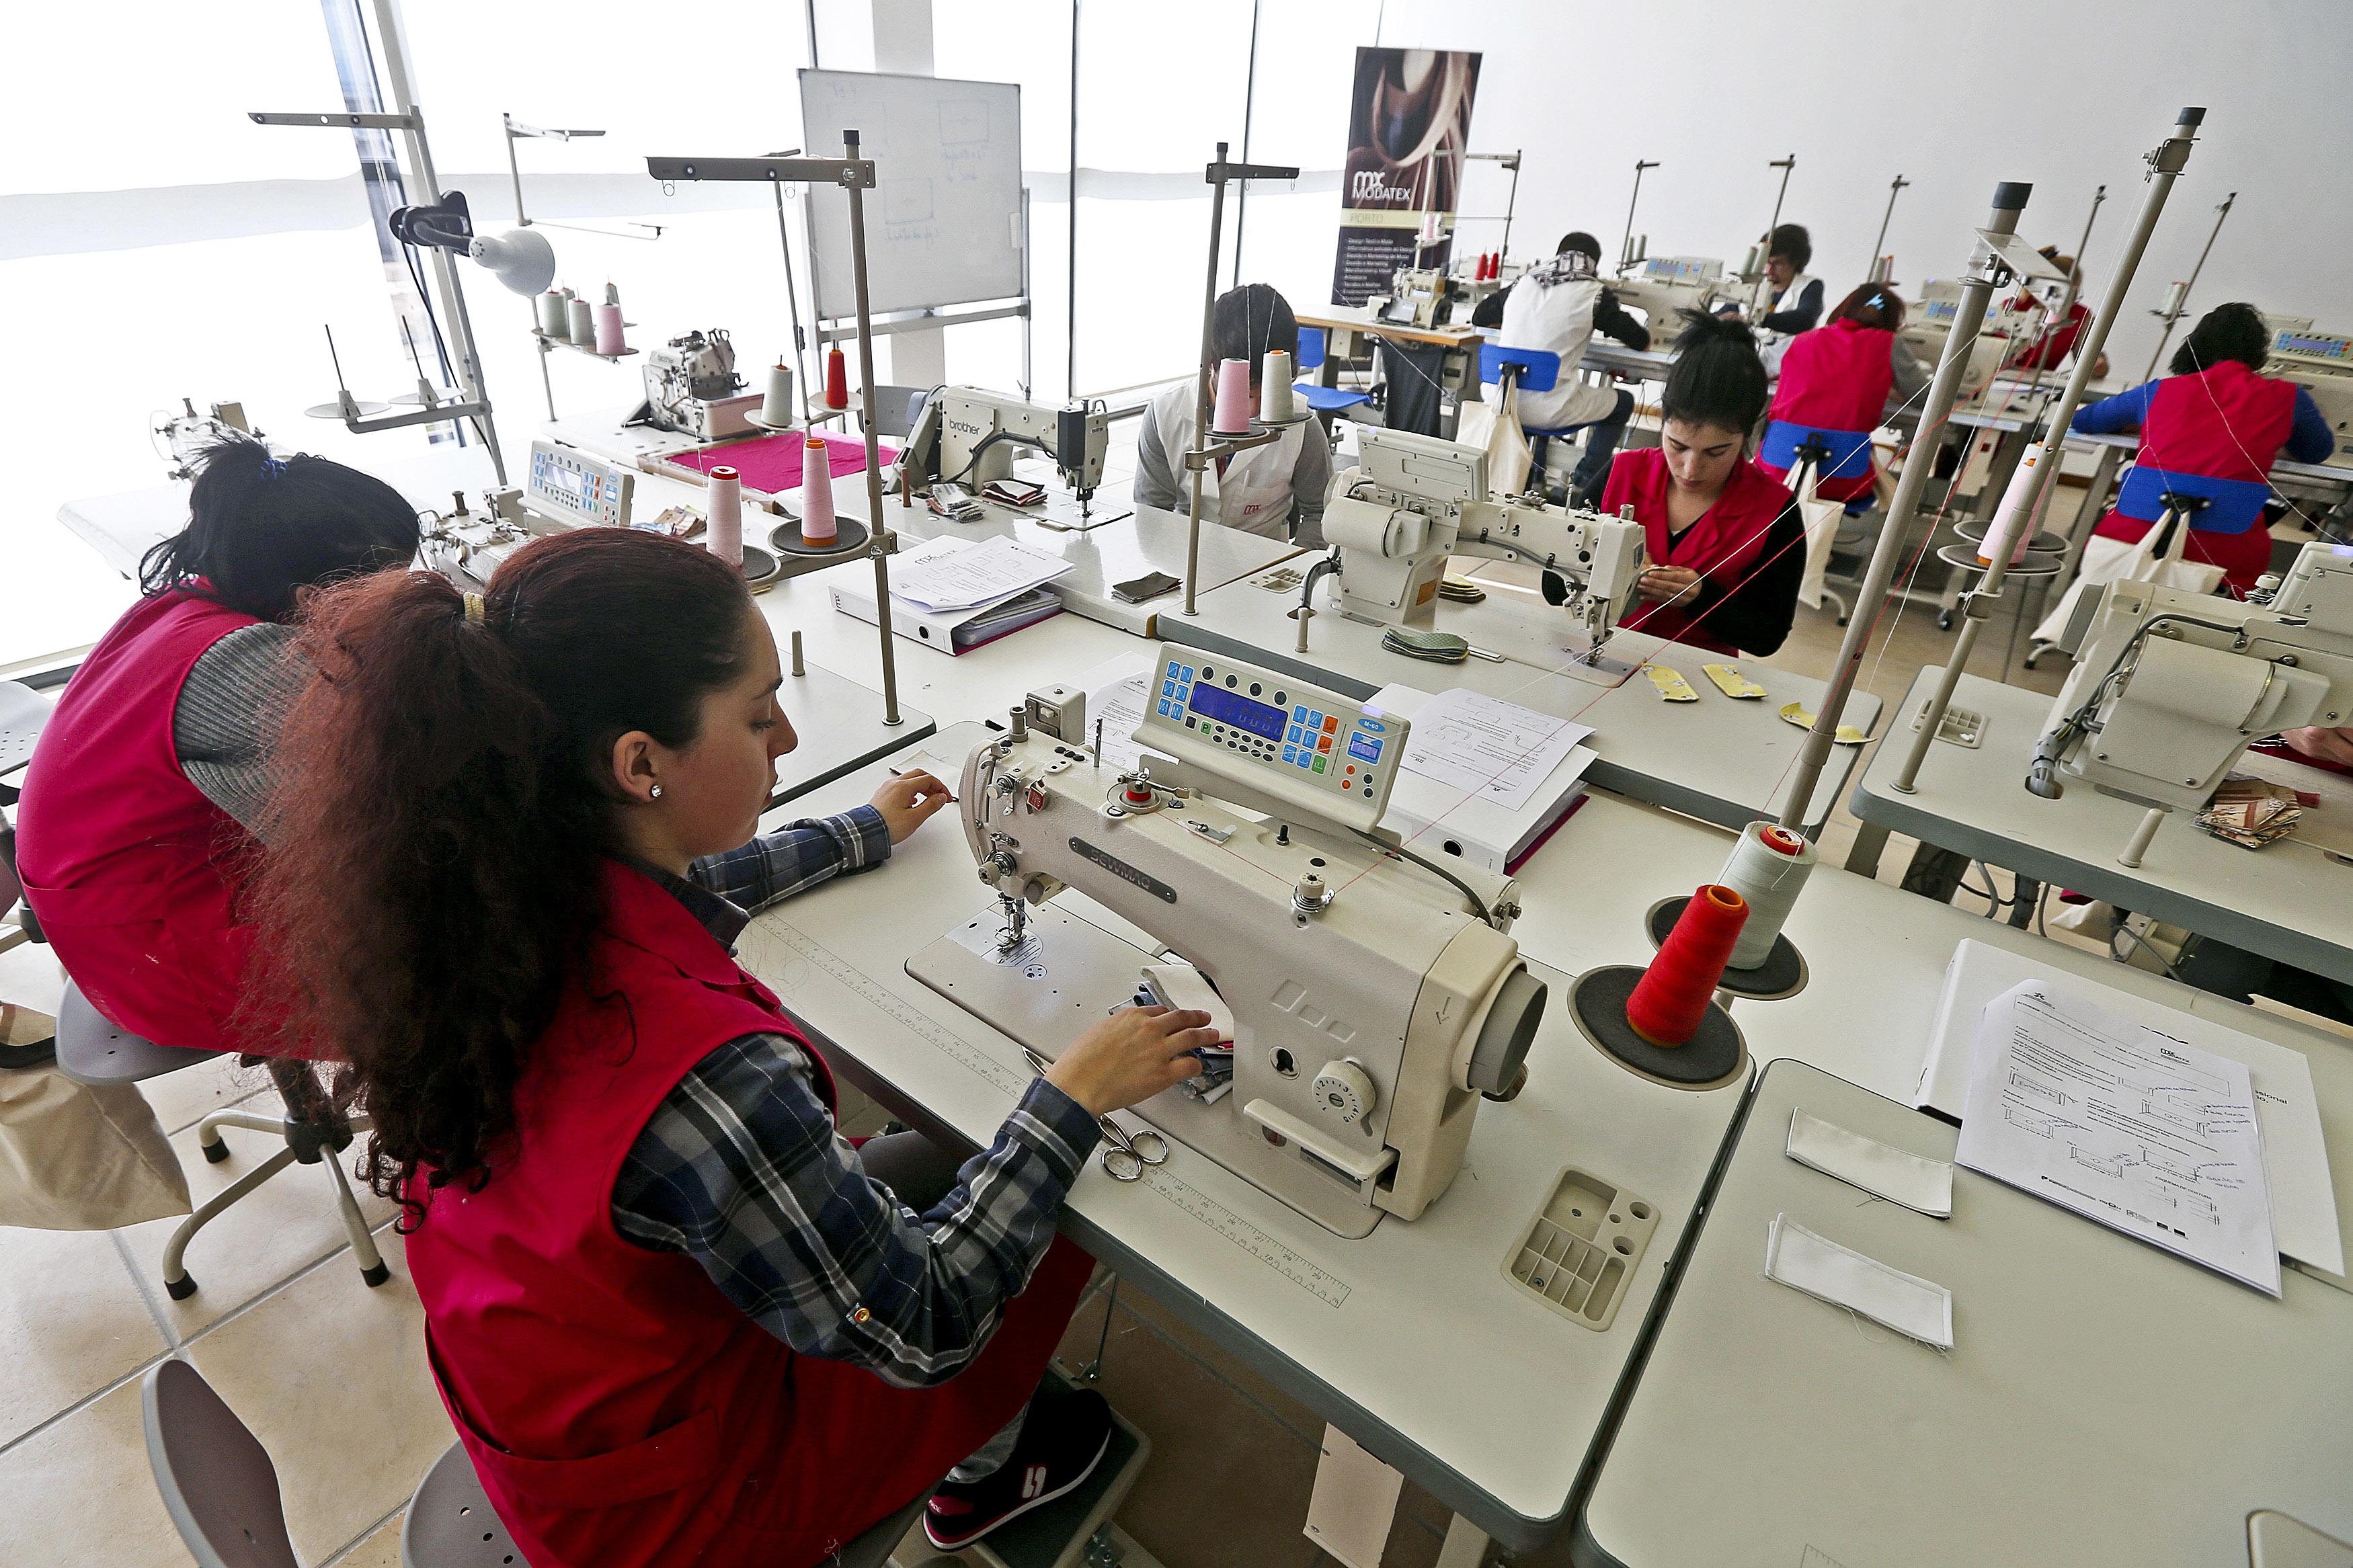 Custo horário da mão-de-obra sobe mais de 2% na zona euro e União Europeia no primeiro trimestre